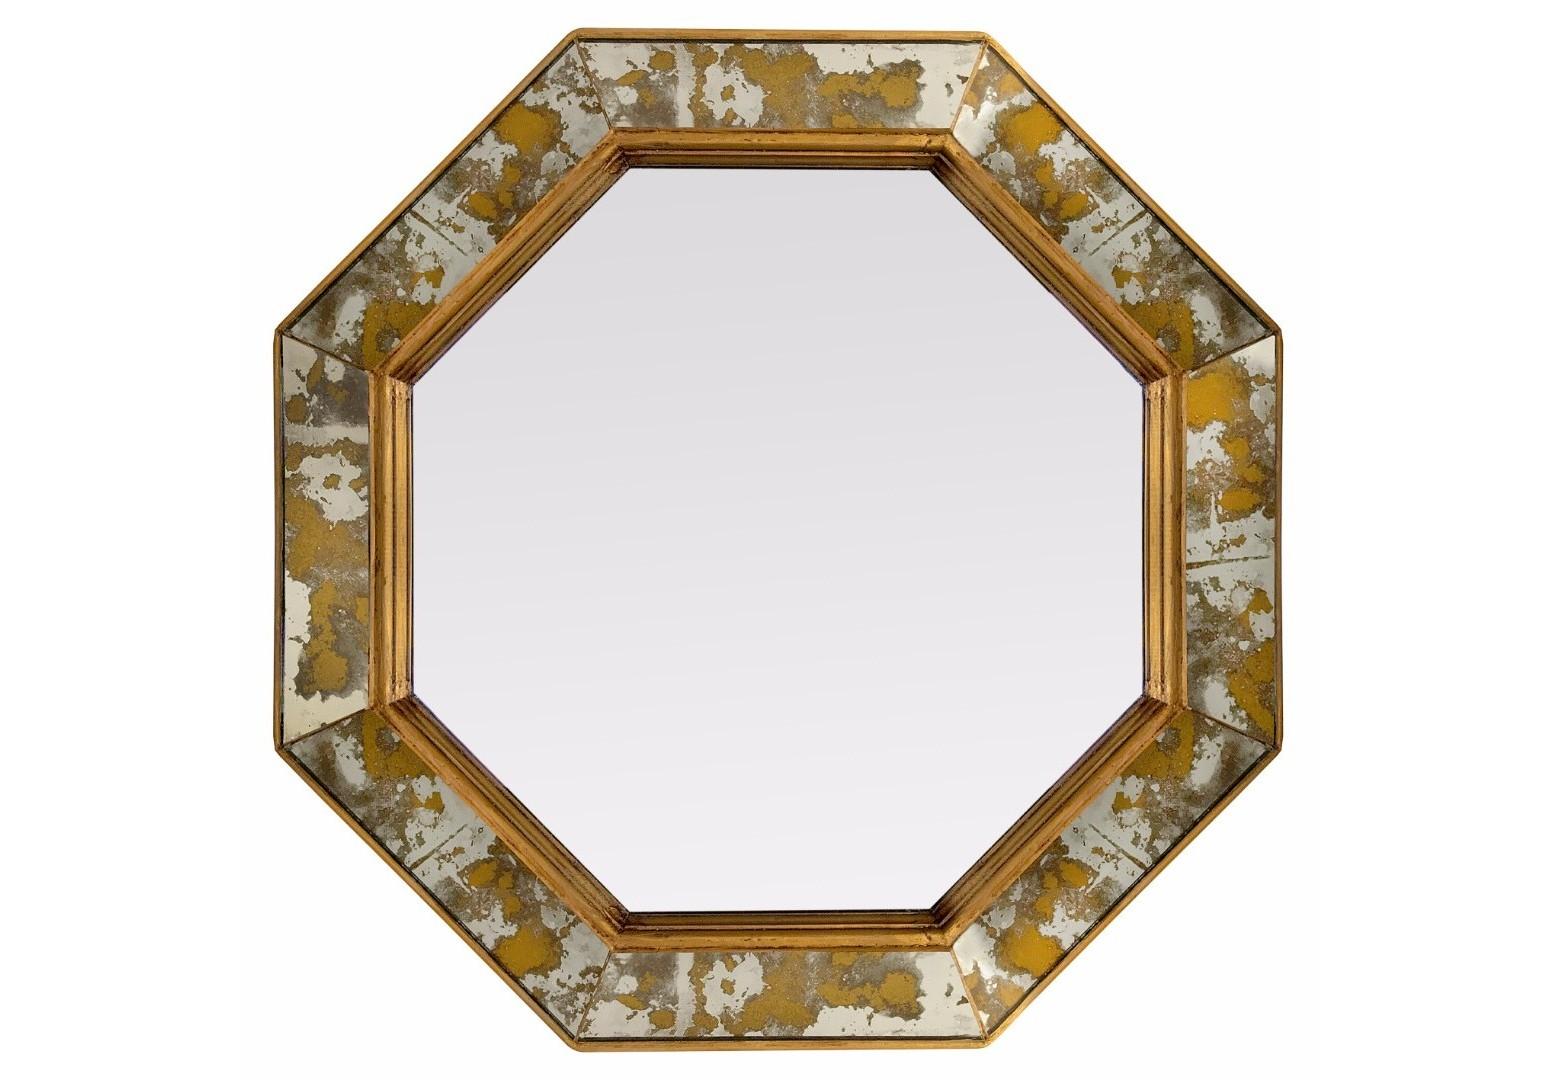 Зеркало SebastienНастенные зеркала<br>&amp;lt;div&amp;gt;Коллекции&amp;amp;nbsp;&amp;lt;span style=&amp;quot;font-size: 14px;&amp;quot;&amp;gt;B-Home&amp;lt;/span&amp;gt;&amp;amp;nbsp;– это дизайнерские зеркала, зеркальная мебель и предметы интерьера. Все изделия от и до мы создаем сами в нашей мастерской. Каждое – это уникальное произведение, арт-объект со своей историей и мелодией. Мы следим за современными трендами, лично отбираем лучшие материалы и каждый день трудимся над созданием новых шедевров, которые будут радовать вас. Если вы ищете что-то действительно качественное, стоящее и эксклюзивное, что сделано с душой и руками человека,&amp;amp;nbsp;&amp;lt;span style=&amp;quot;font-size: 14px;&amp;quot;&amp;gt;B-Home&amp;lt;/span&amp;gt;&amp;amp;nbsp;придется вам по вкусу!&amp;amp;nbsp;&amp;lt;/div&amp;gt;&amp;lt;div&amp;gt;&amp;lt;br&amp;gt;&amp;lt;/div&amp;gt;&amp;lt;div&amp;gt;Возможно изготовление по Вашим цветам и размерам.&amp;lt;/div&amp;gt;<br><br>Material: Дерево<br>Ширина см: 59.0<br>Высота см: 59.0<br>Глубина см: 5.0